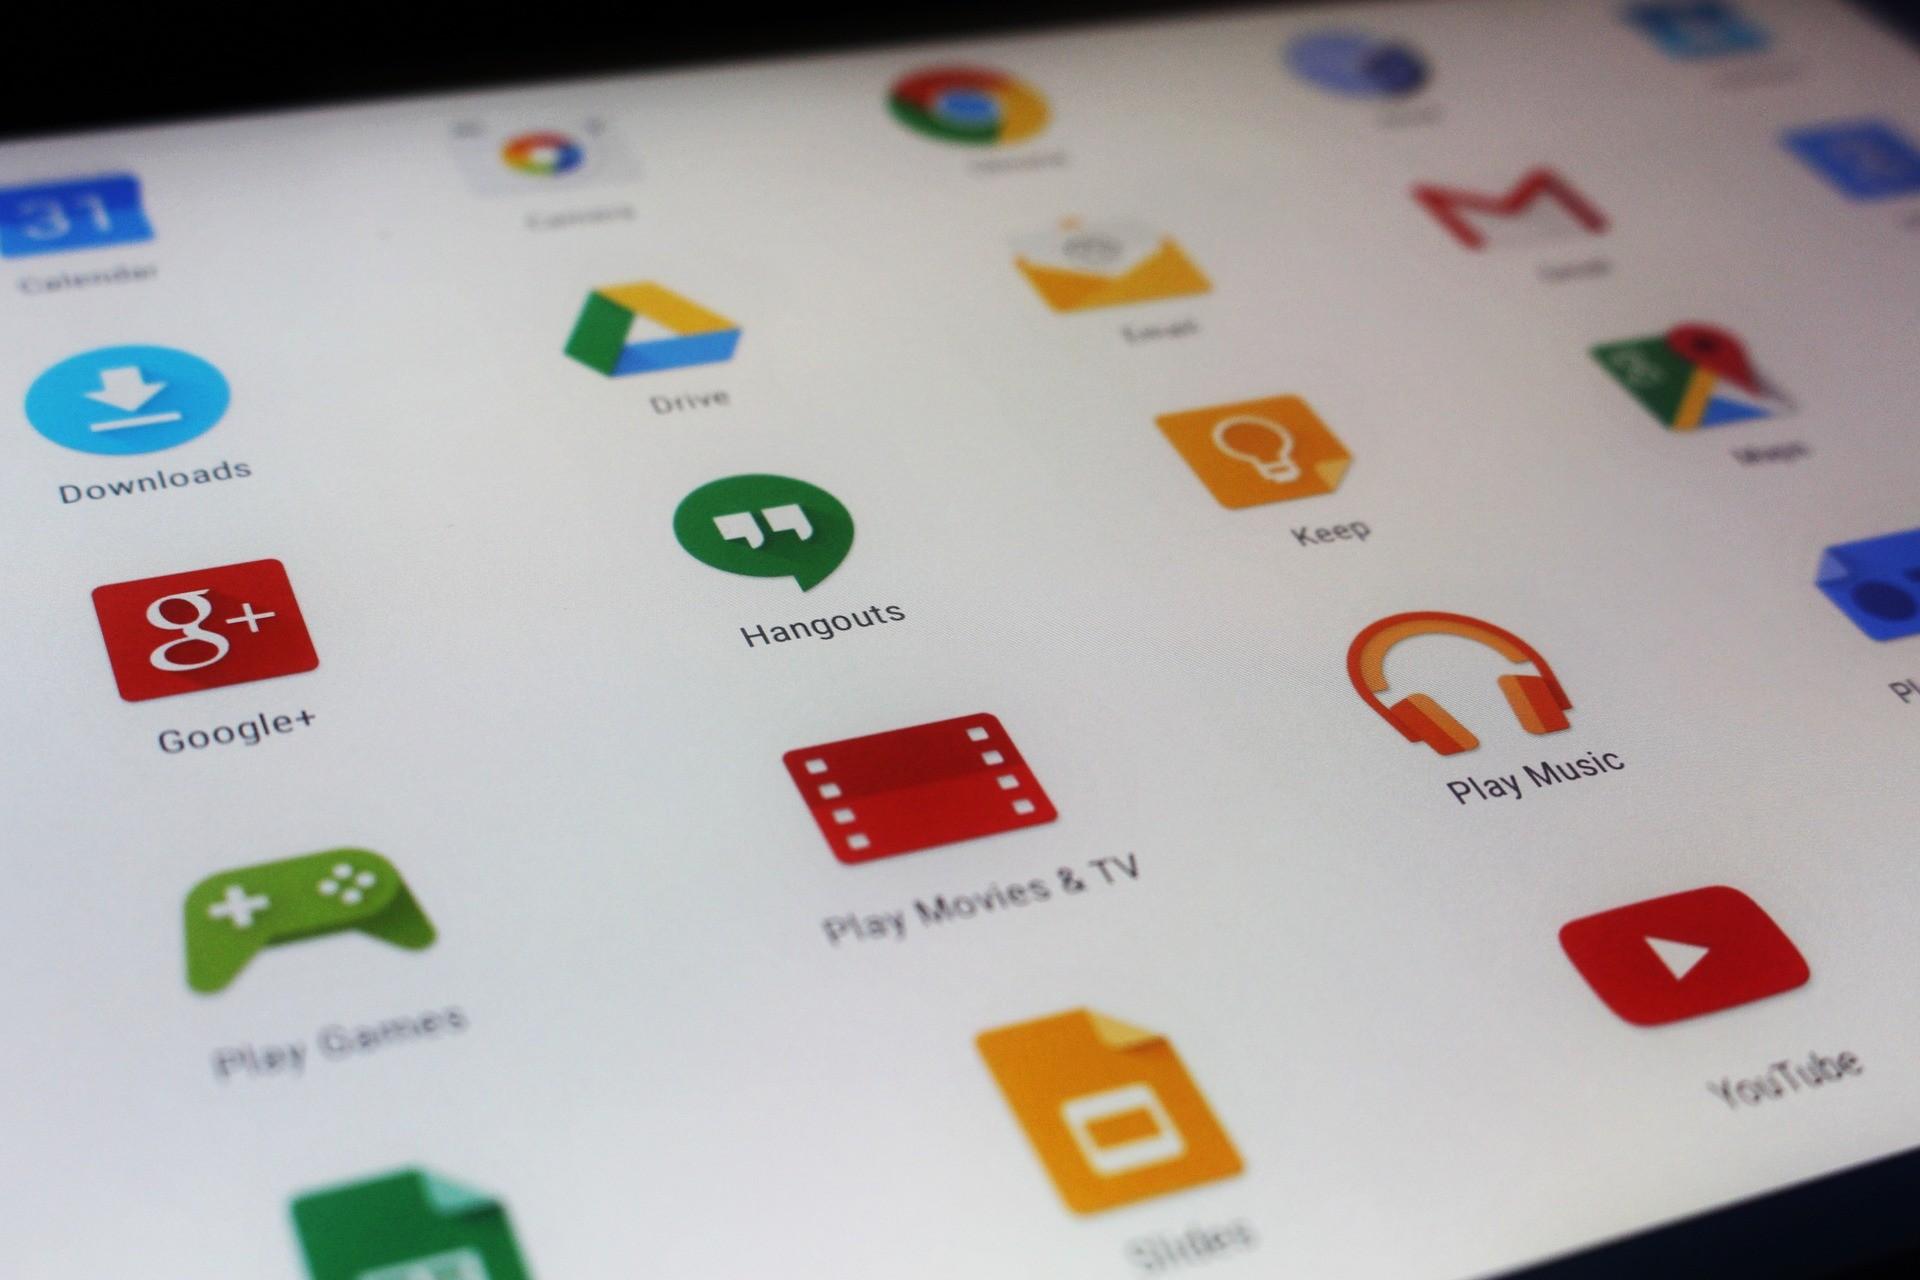 seguridad en las aplicaciones android